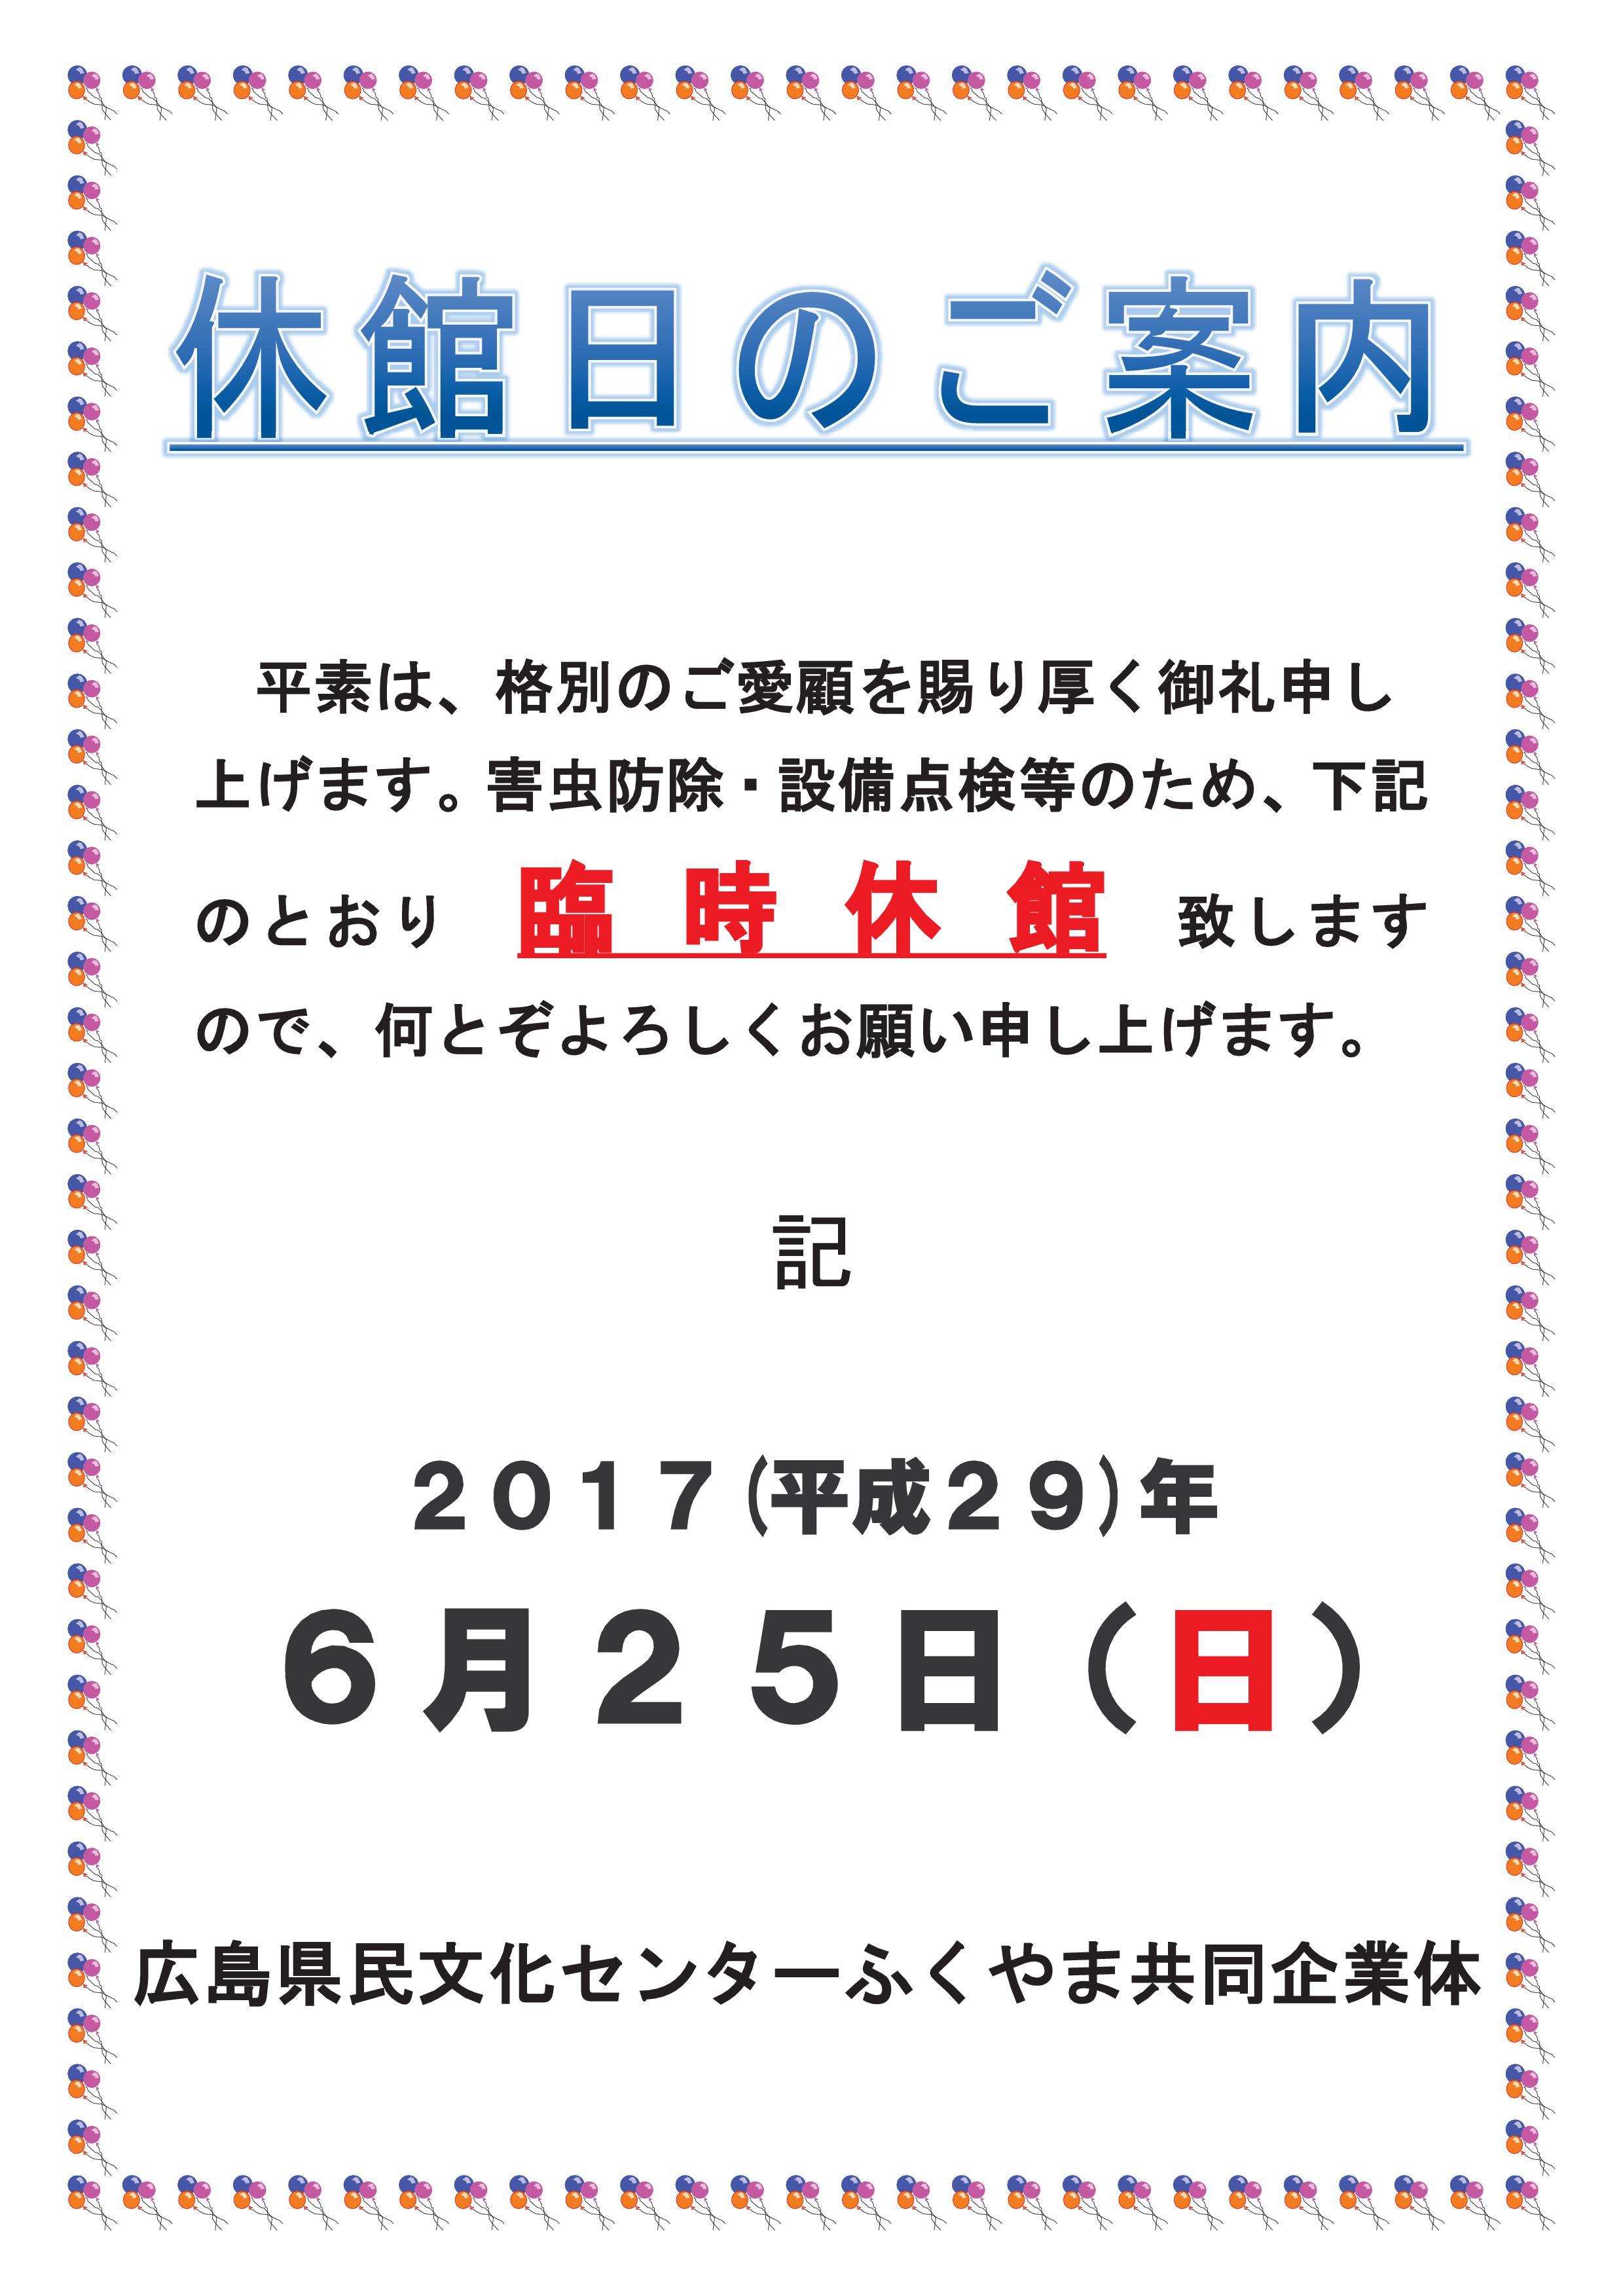 H29.6 臨時休館日のお知らせ